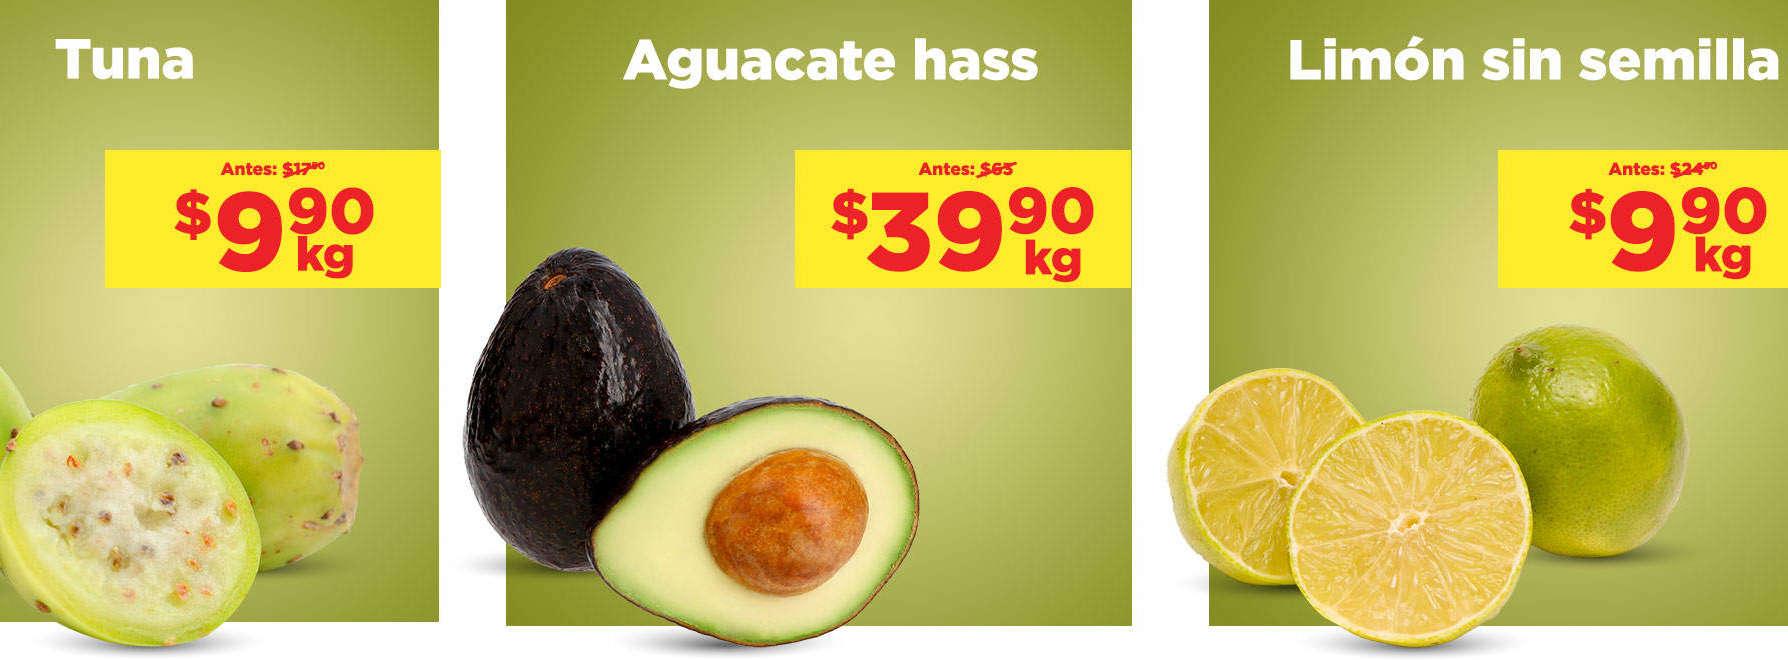 Frutas y Verduras Chedraui 4 y 5 de agosto 2020